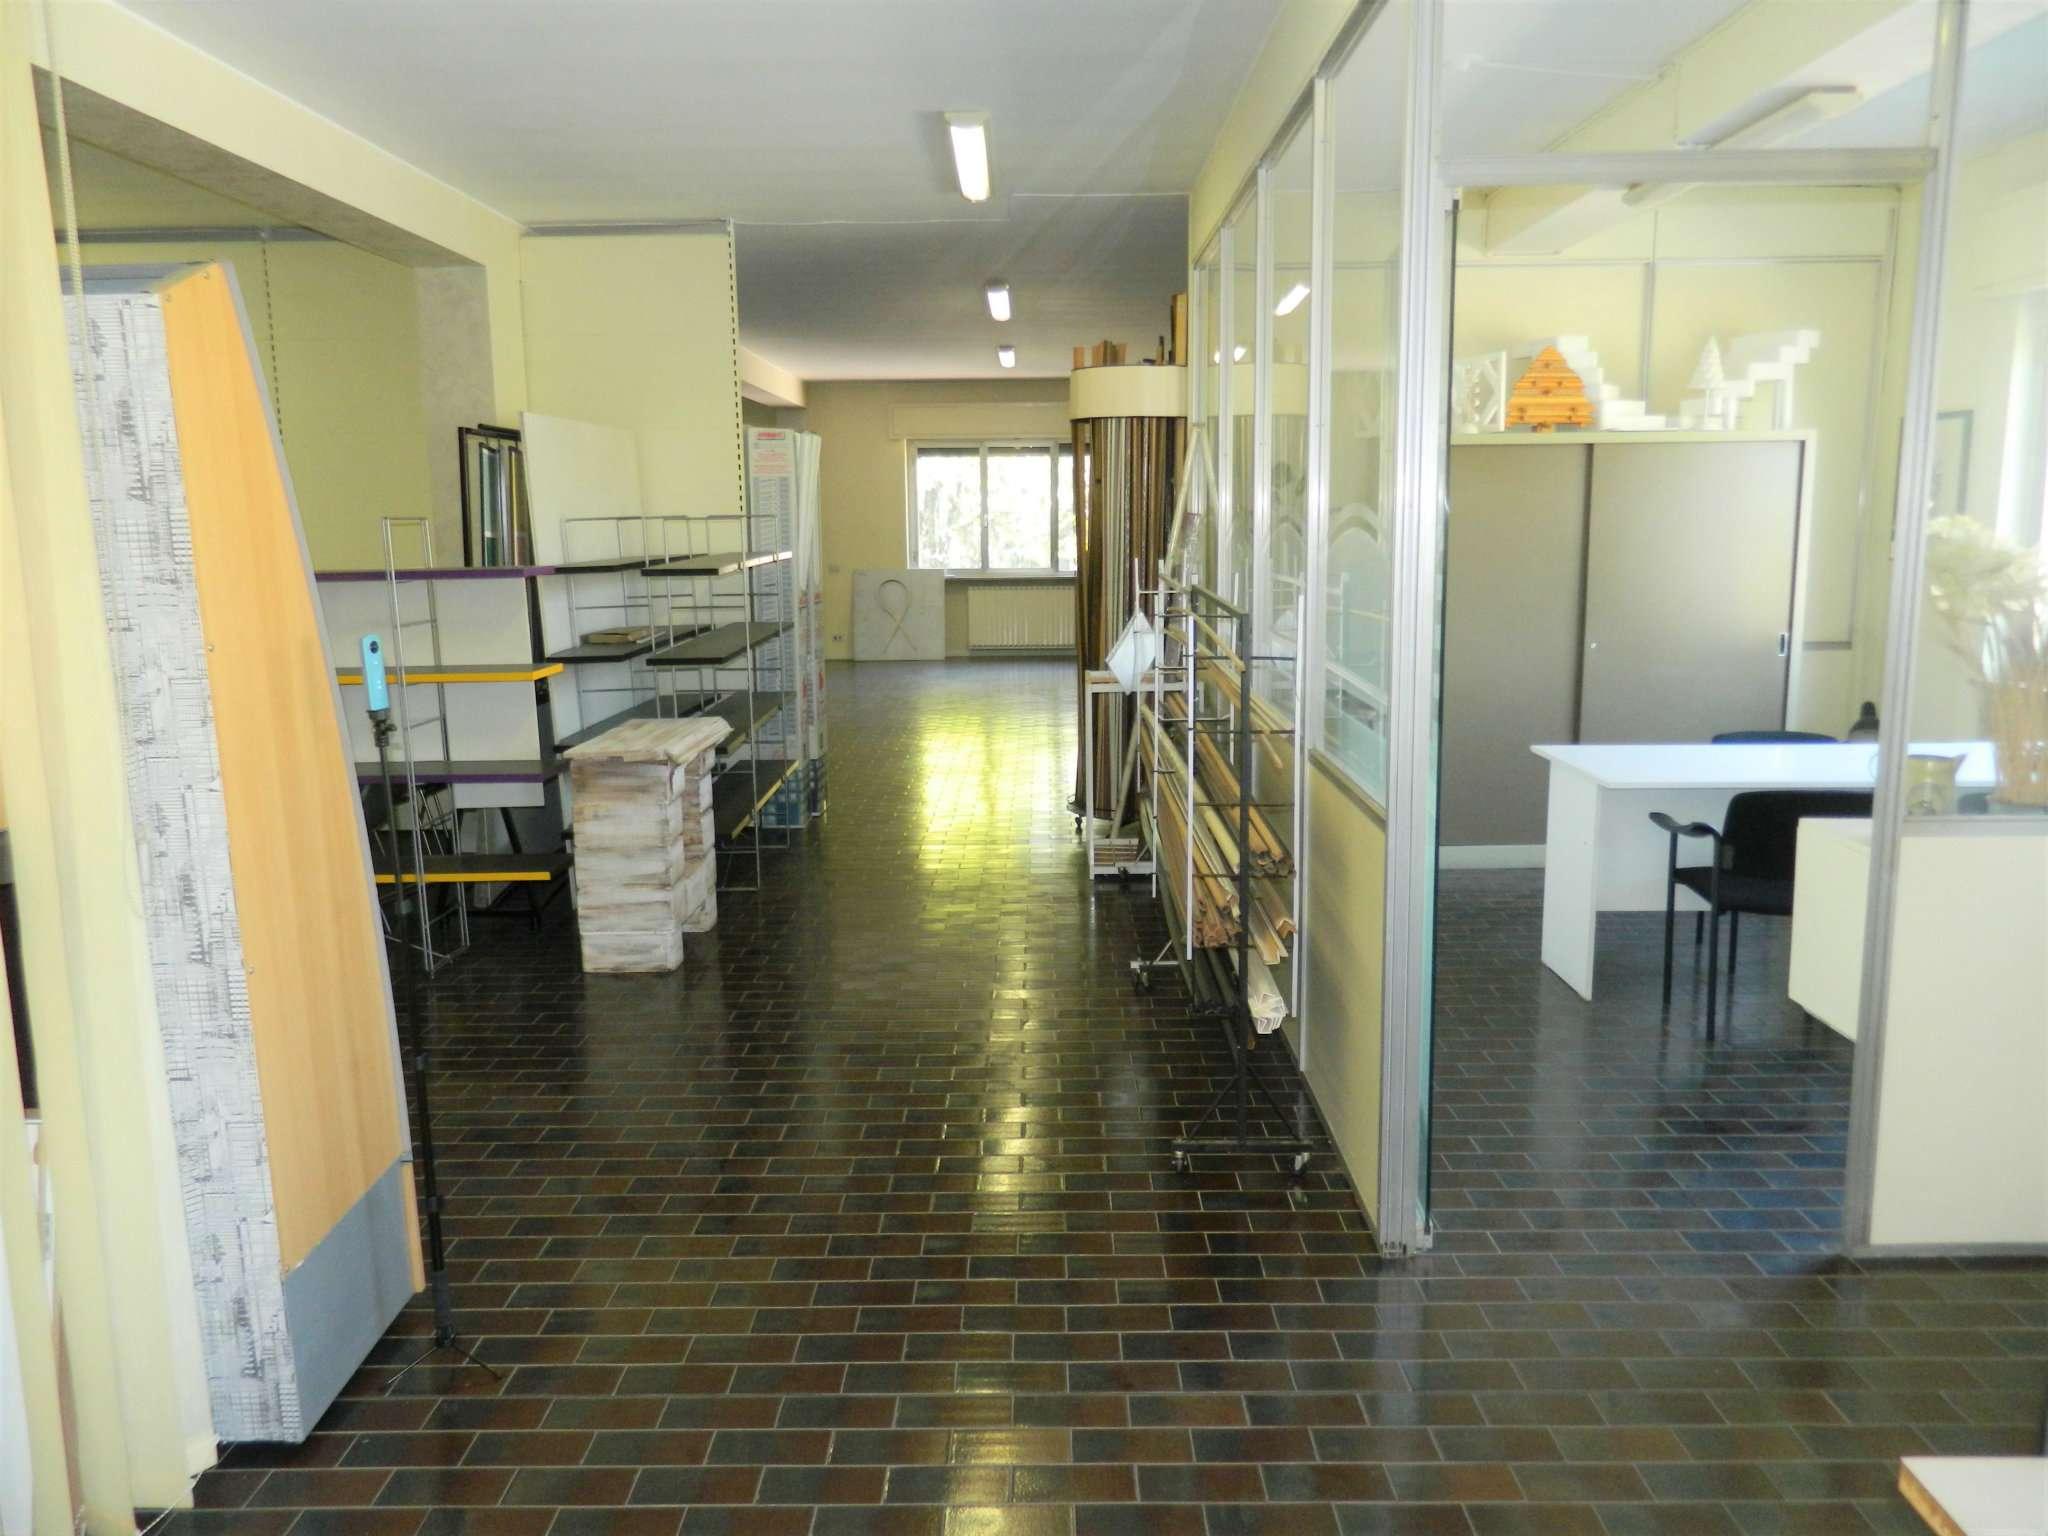 Immobile Commerciale in vendita a Rozzano, 9999 locali, prezzo € 2.200.000   PortaleAgenzieImmobiliari.it